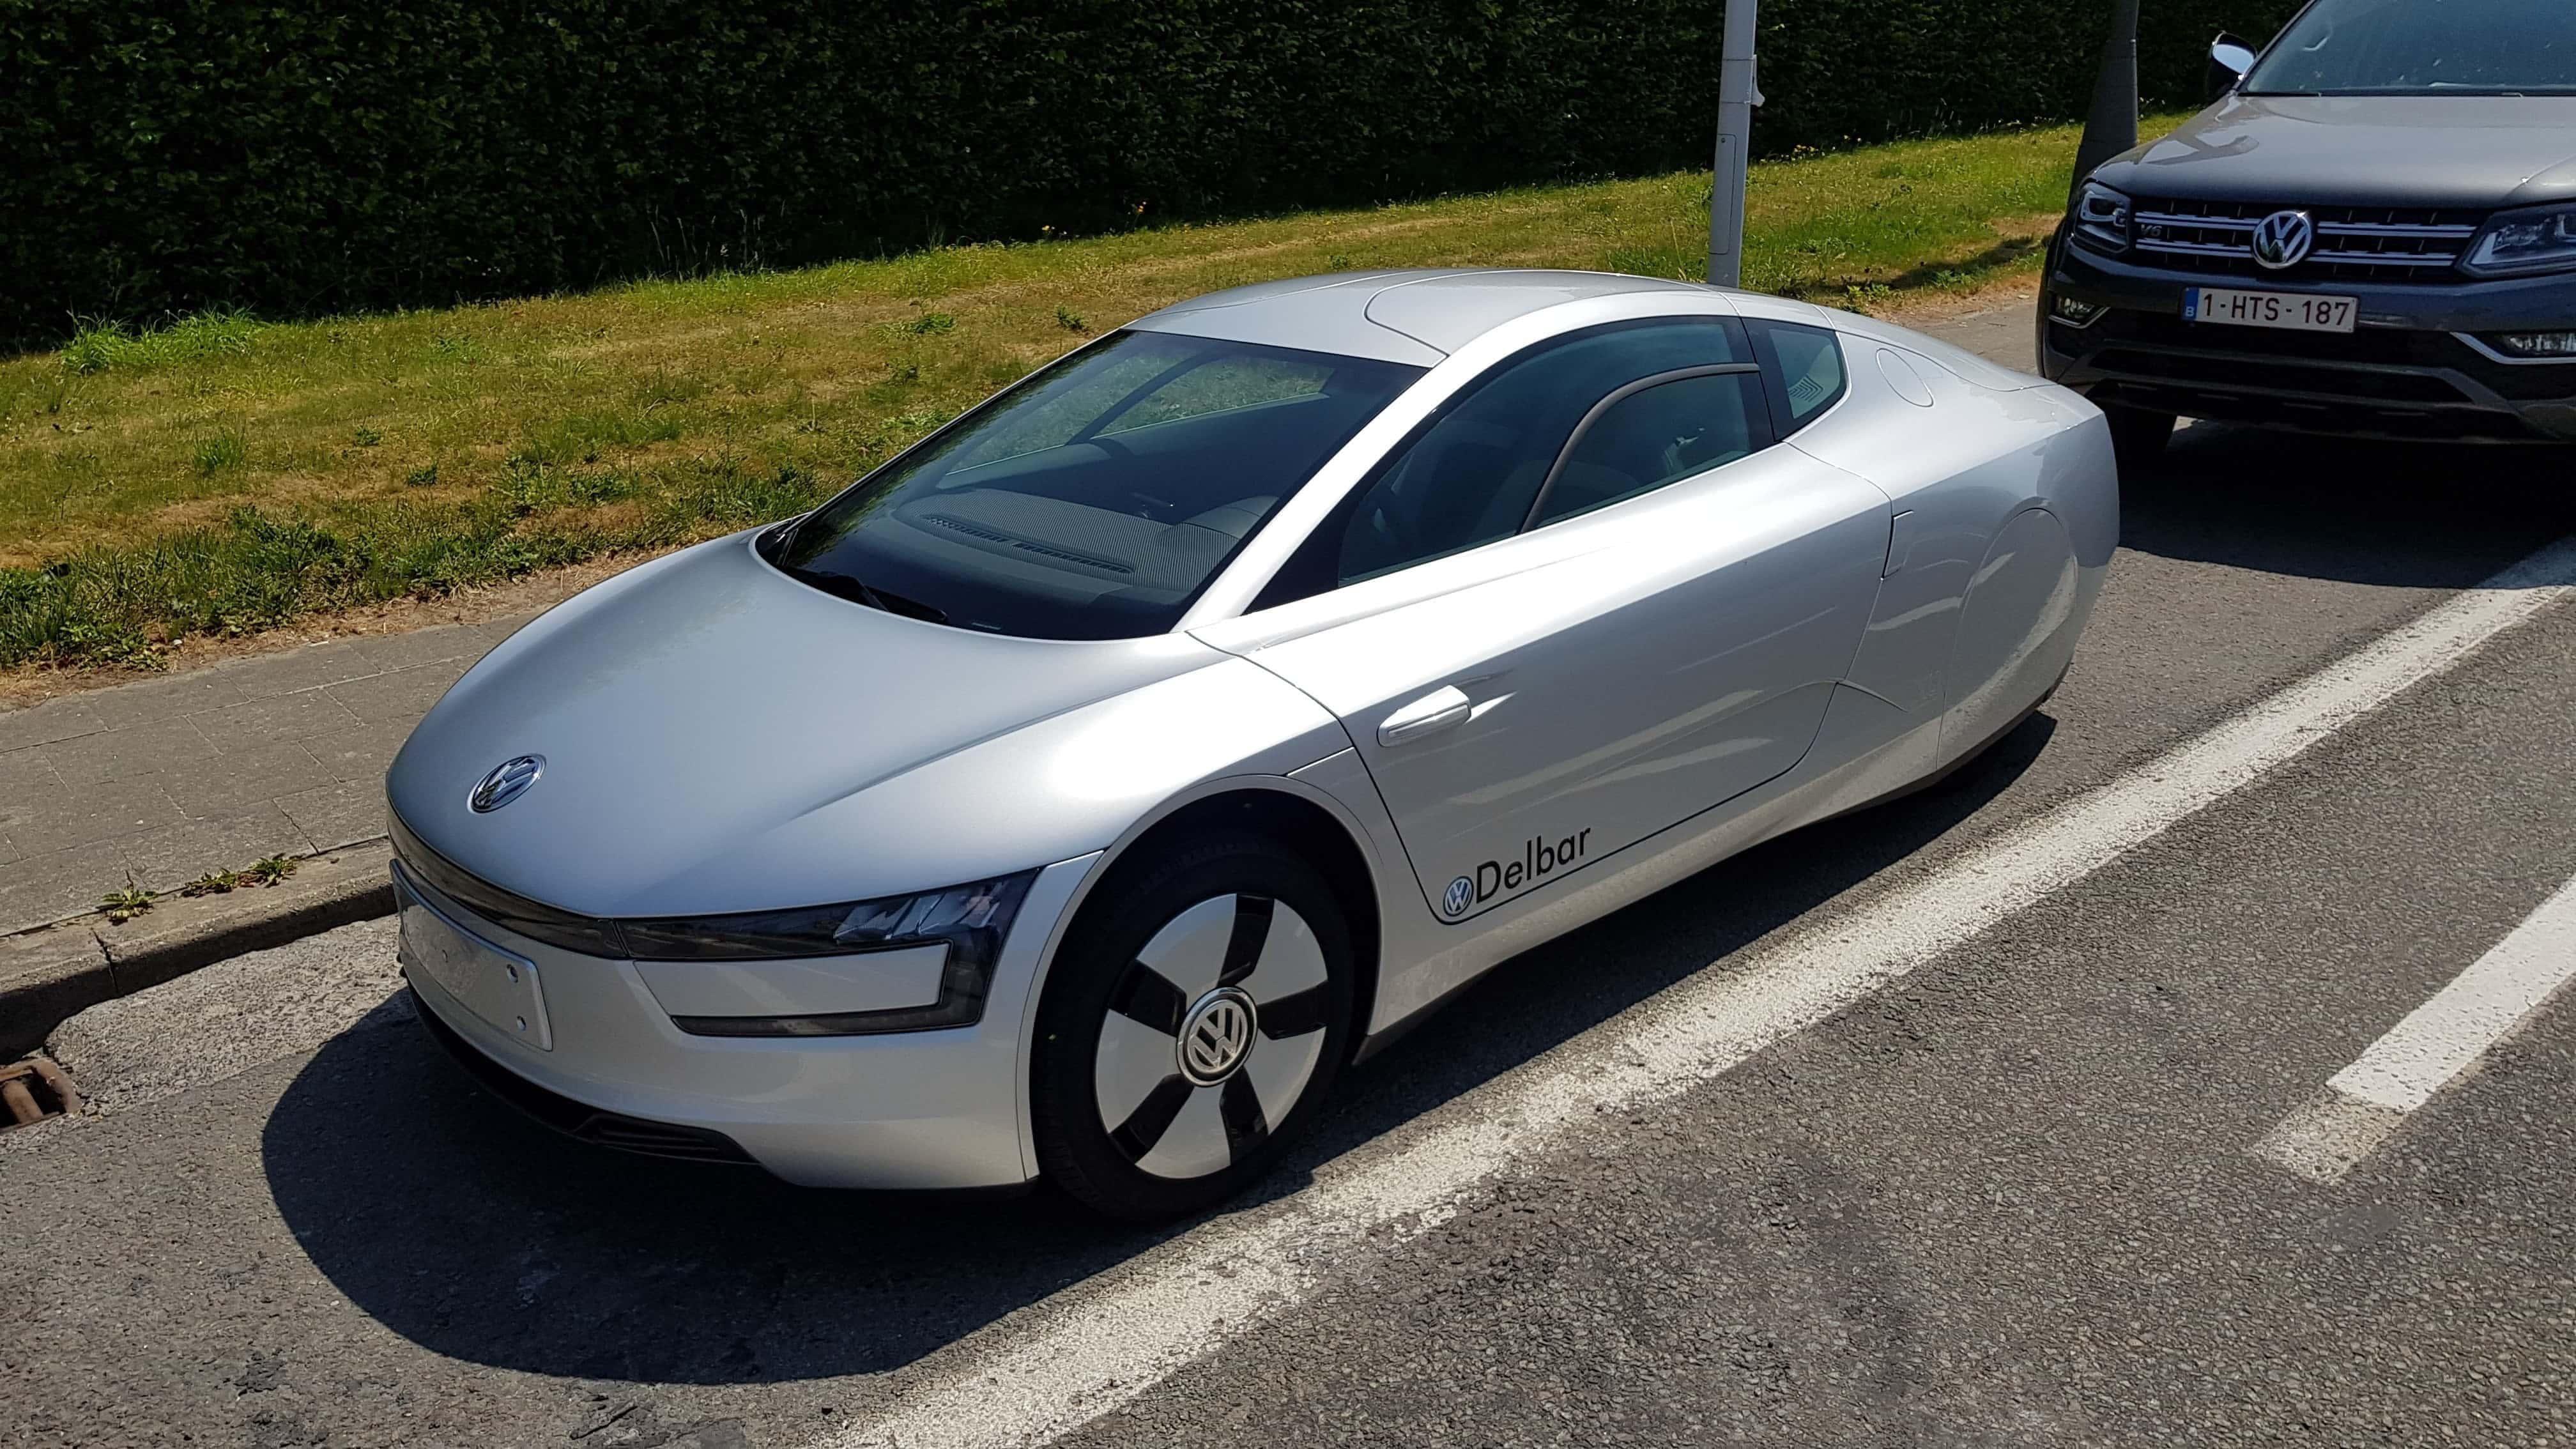 Volkswagen et son vehicule hybride rechargeable xl1